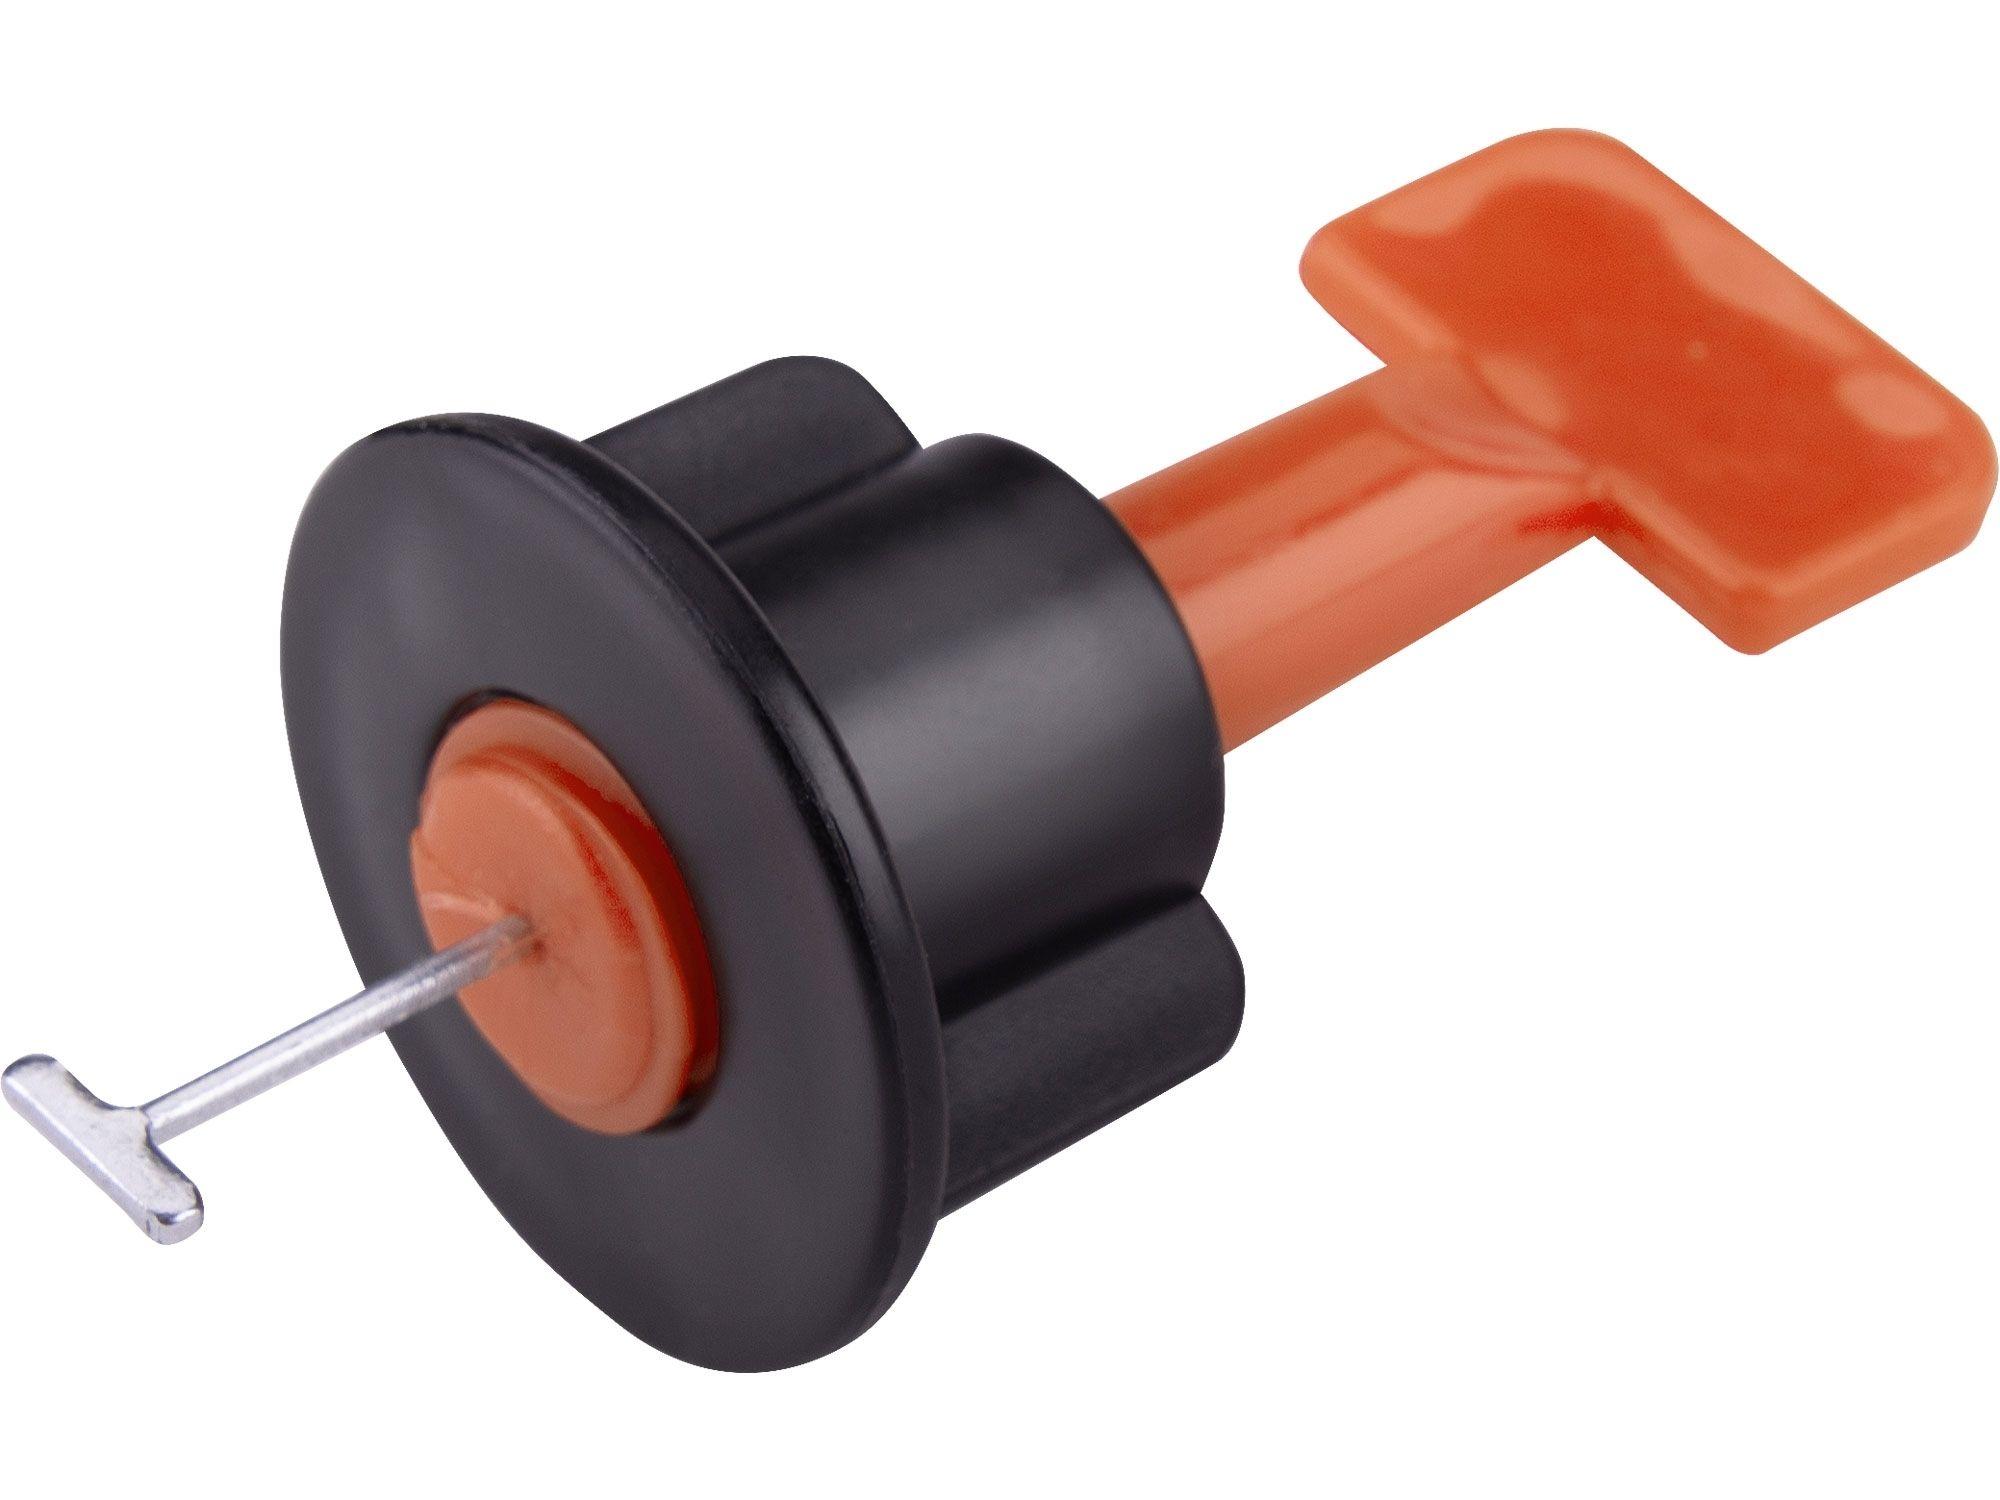 Distanční/nivelační klipy opakovaně použitelné, sada 50ks, pro vyrovnání obkladů/dlažby EXTOL-PREMIUM